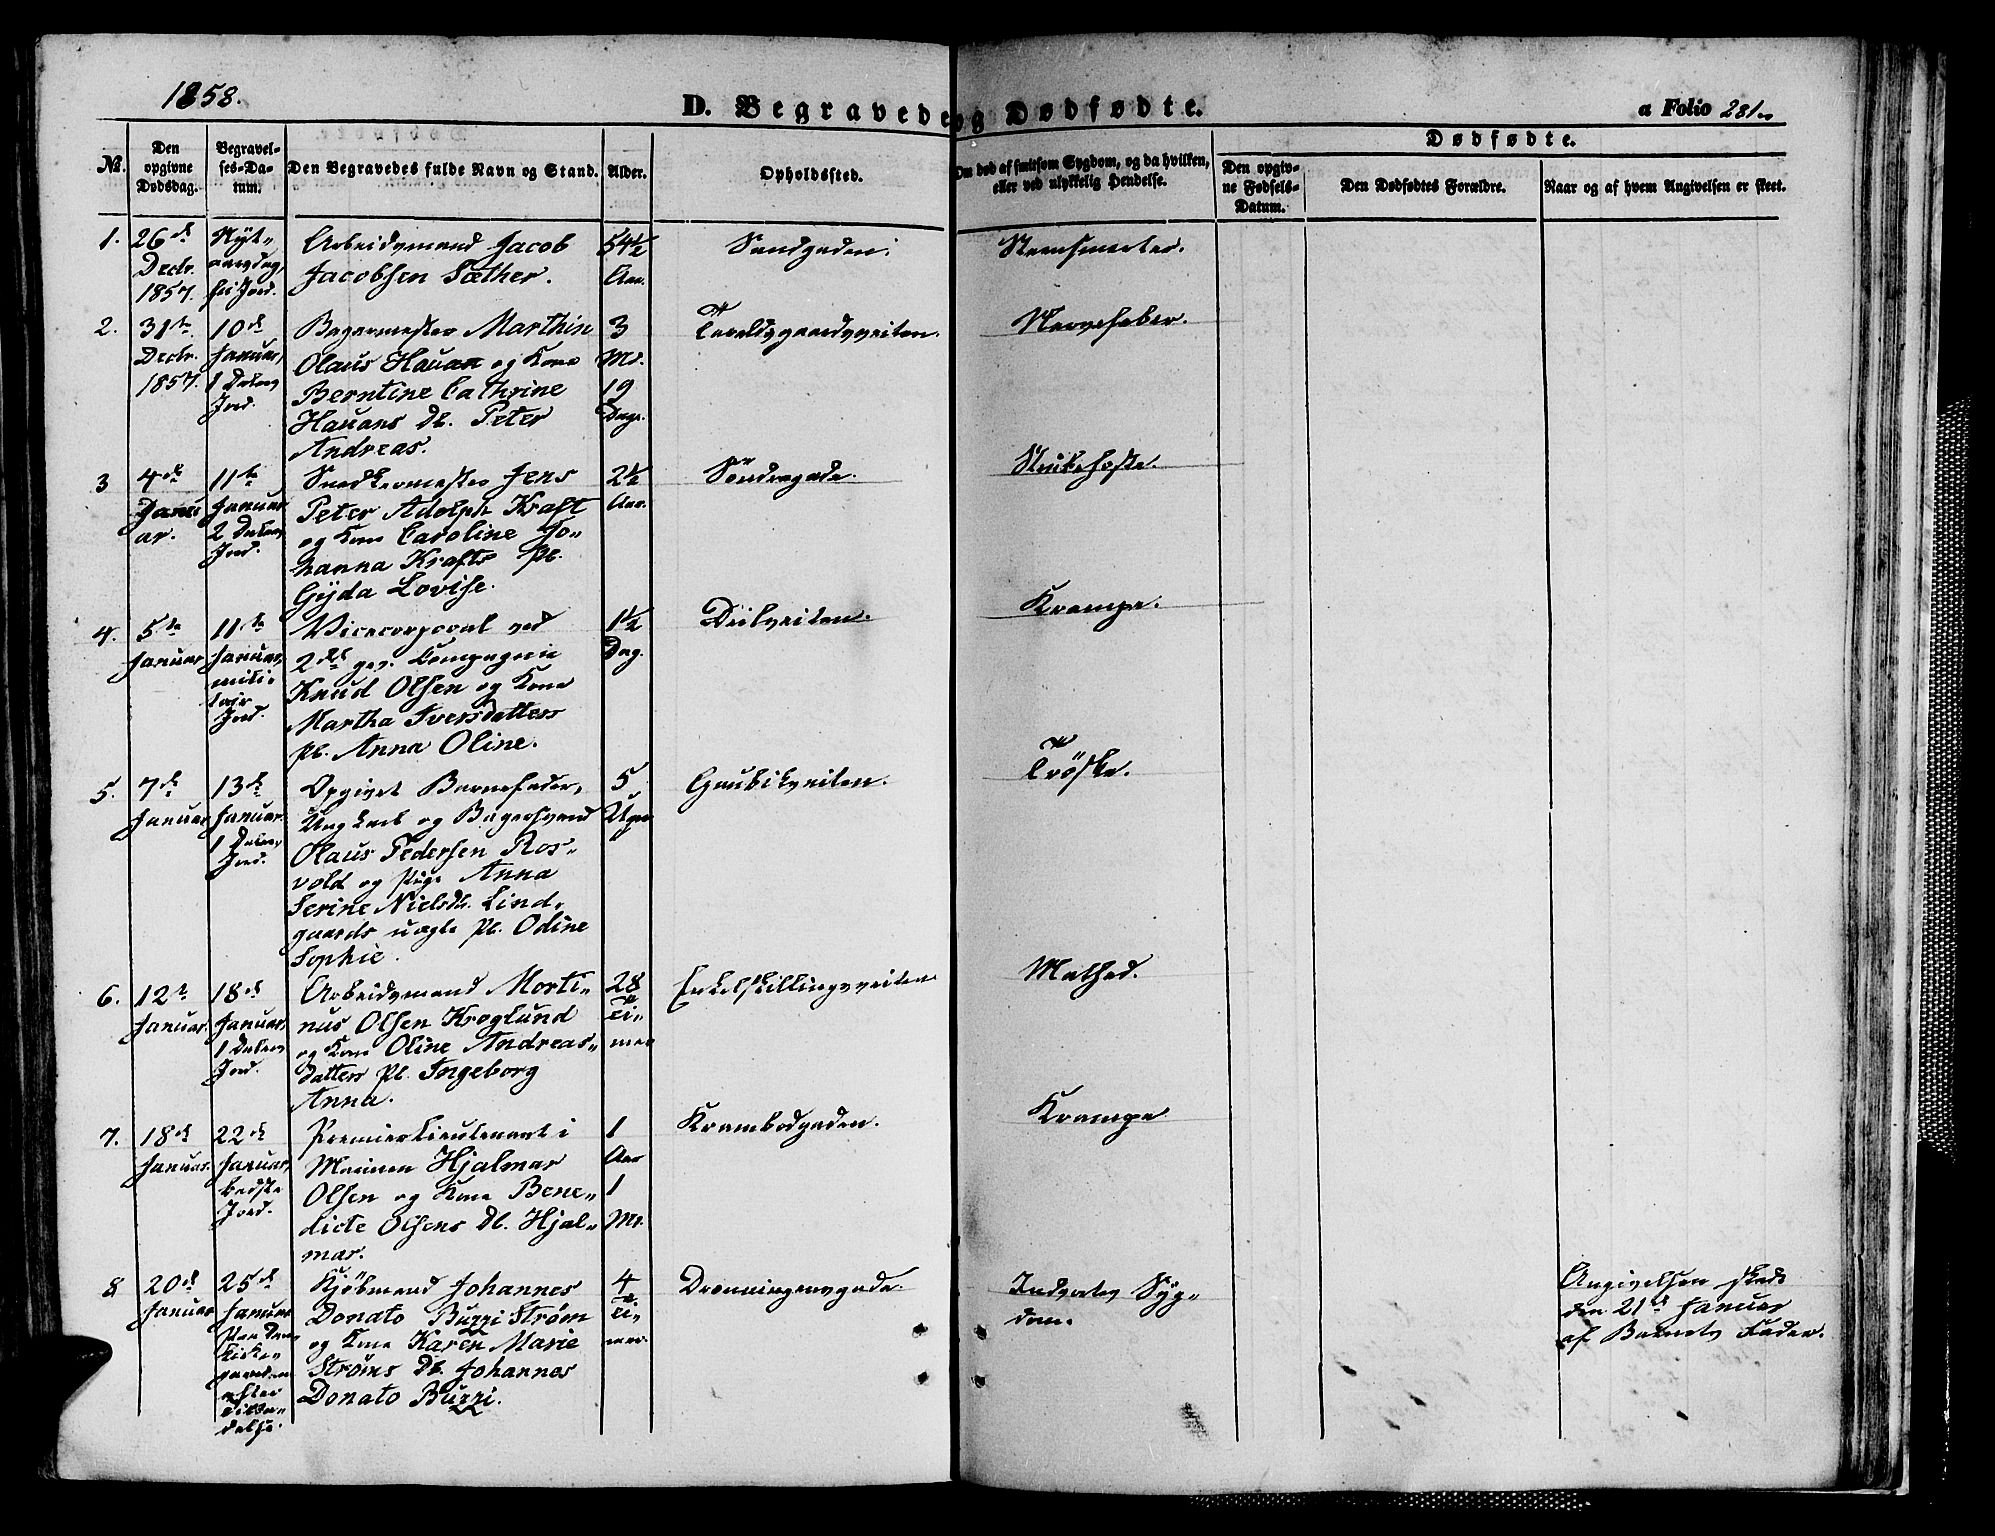 SAT, Ministerialprotokoller, klokkerbøker og fødselsregistre - Sør-Trøndelag, 602/L0138: Klokkerbok nr. 602C06, 1853-1858, s. 281